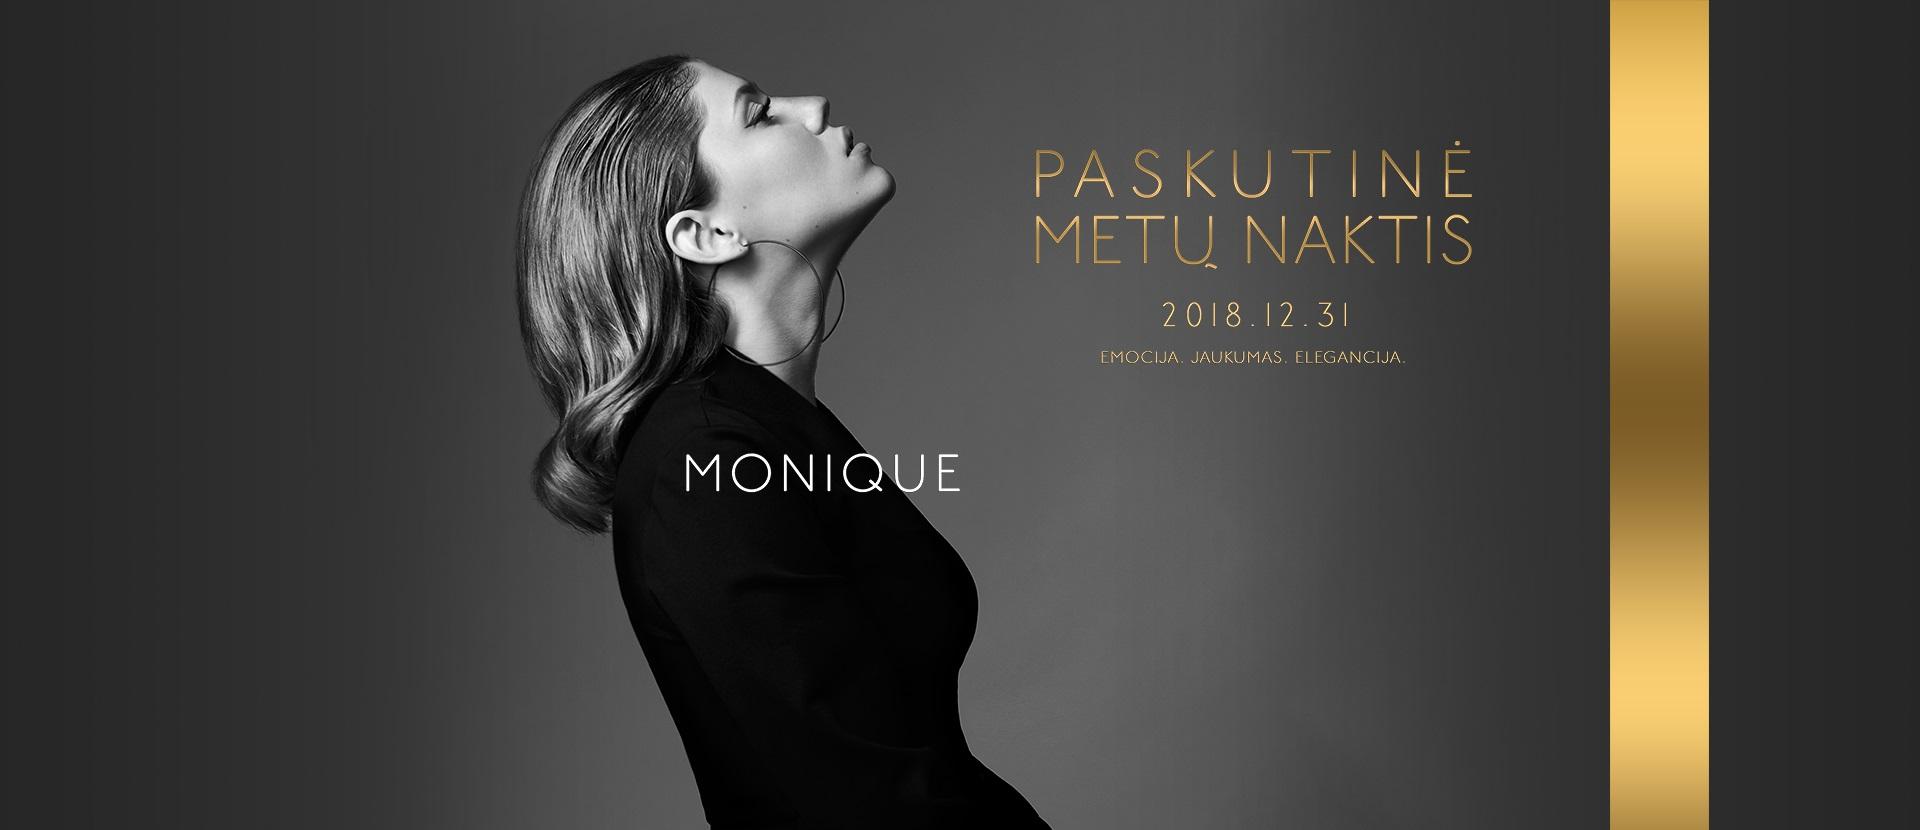 Monika Pundziūtė-Monique: paskutinė metų naktis